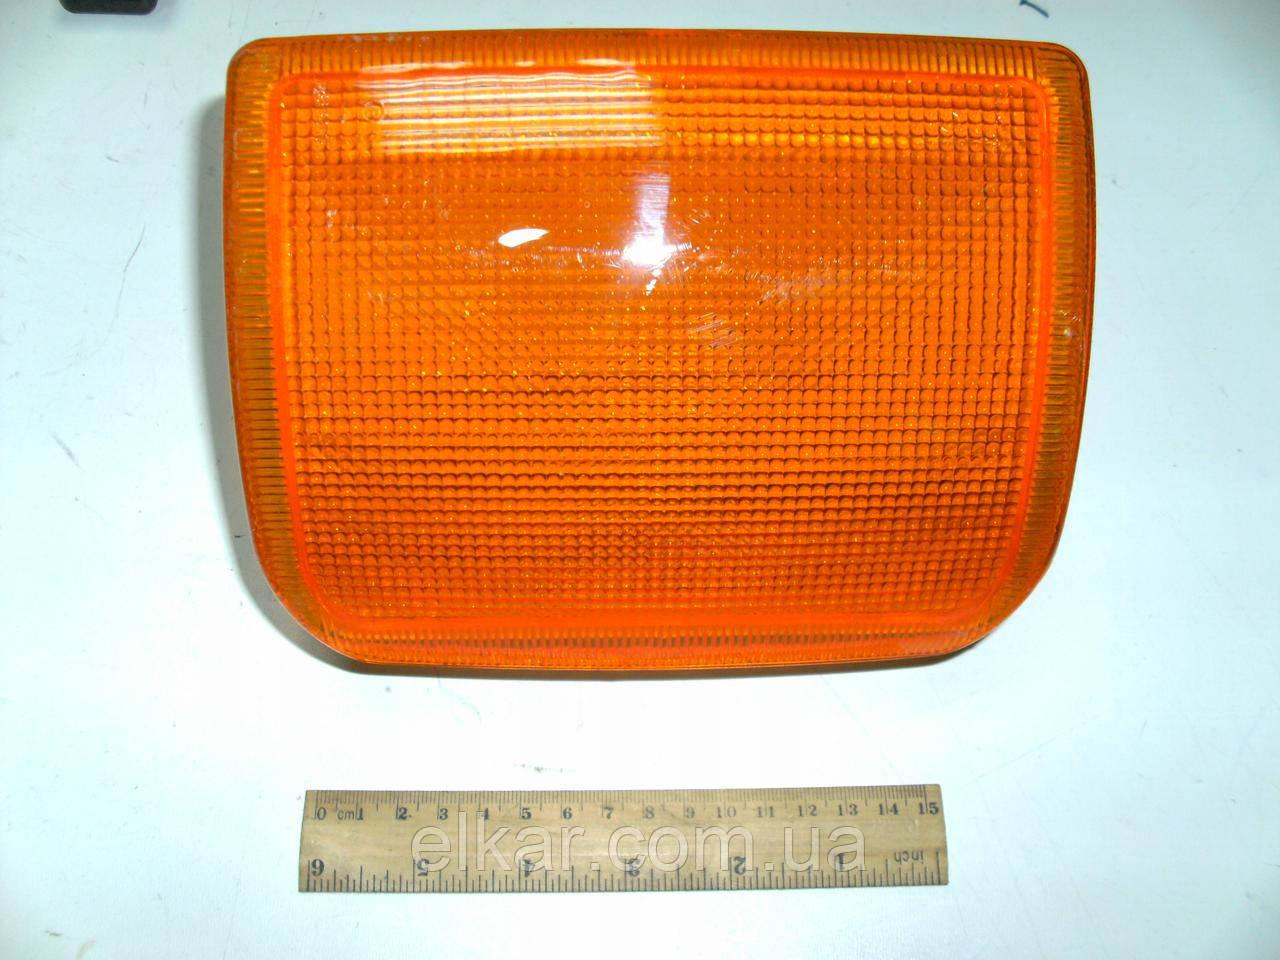 Покажчик повороту жовтий 505557 . DAF XF 95 (1987 - 1995).